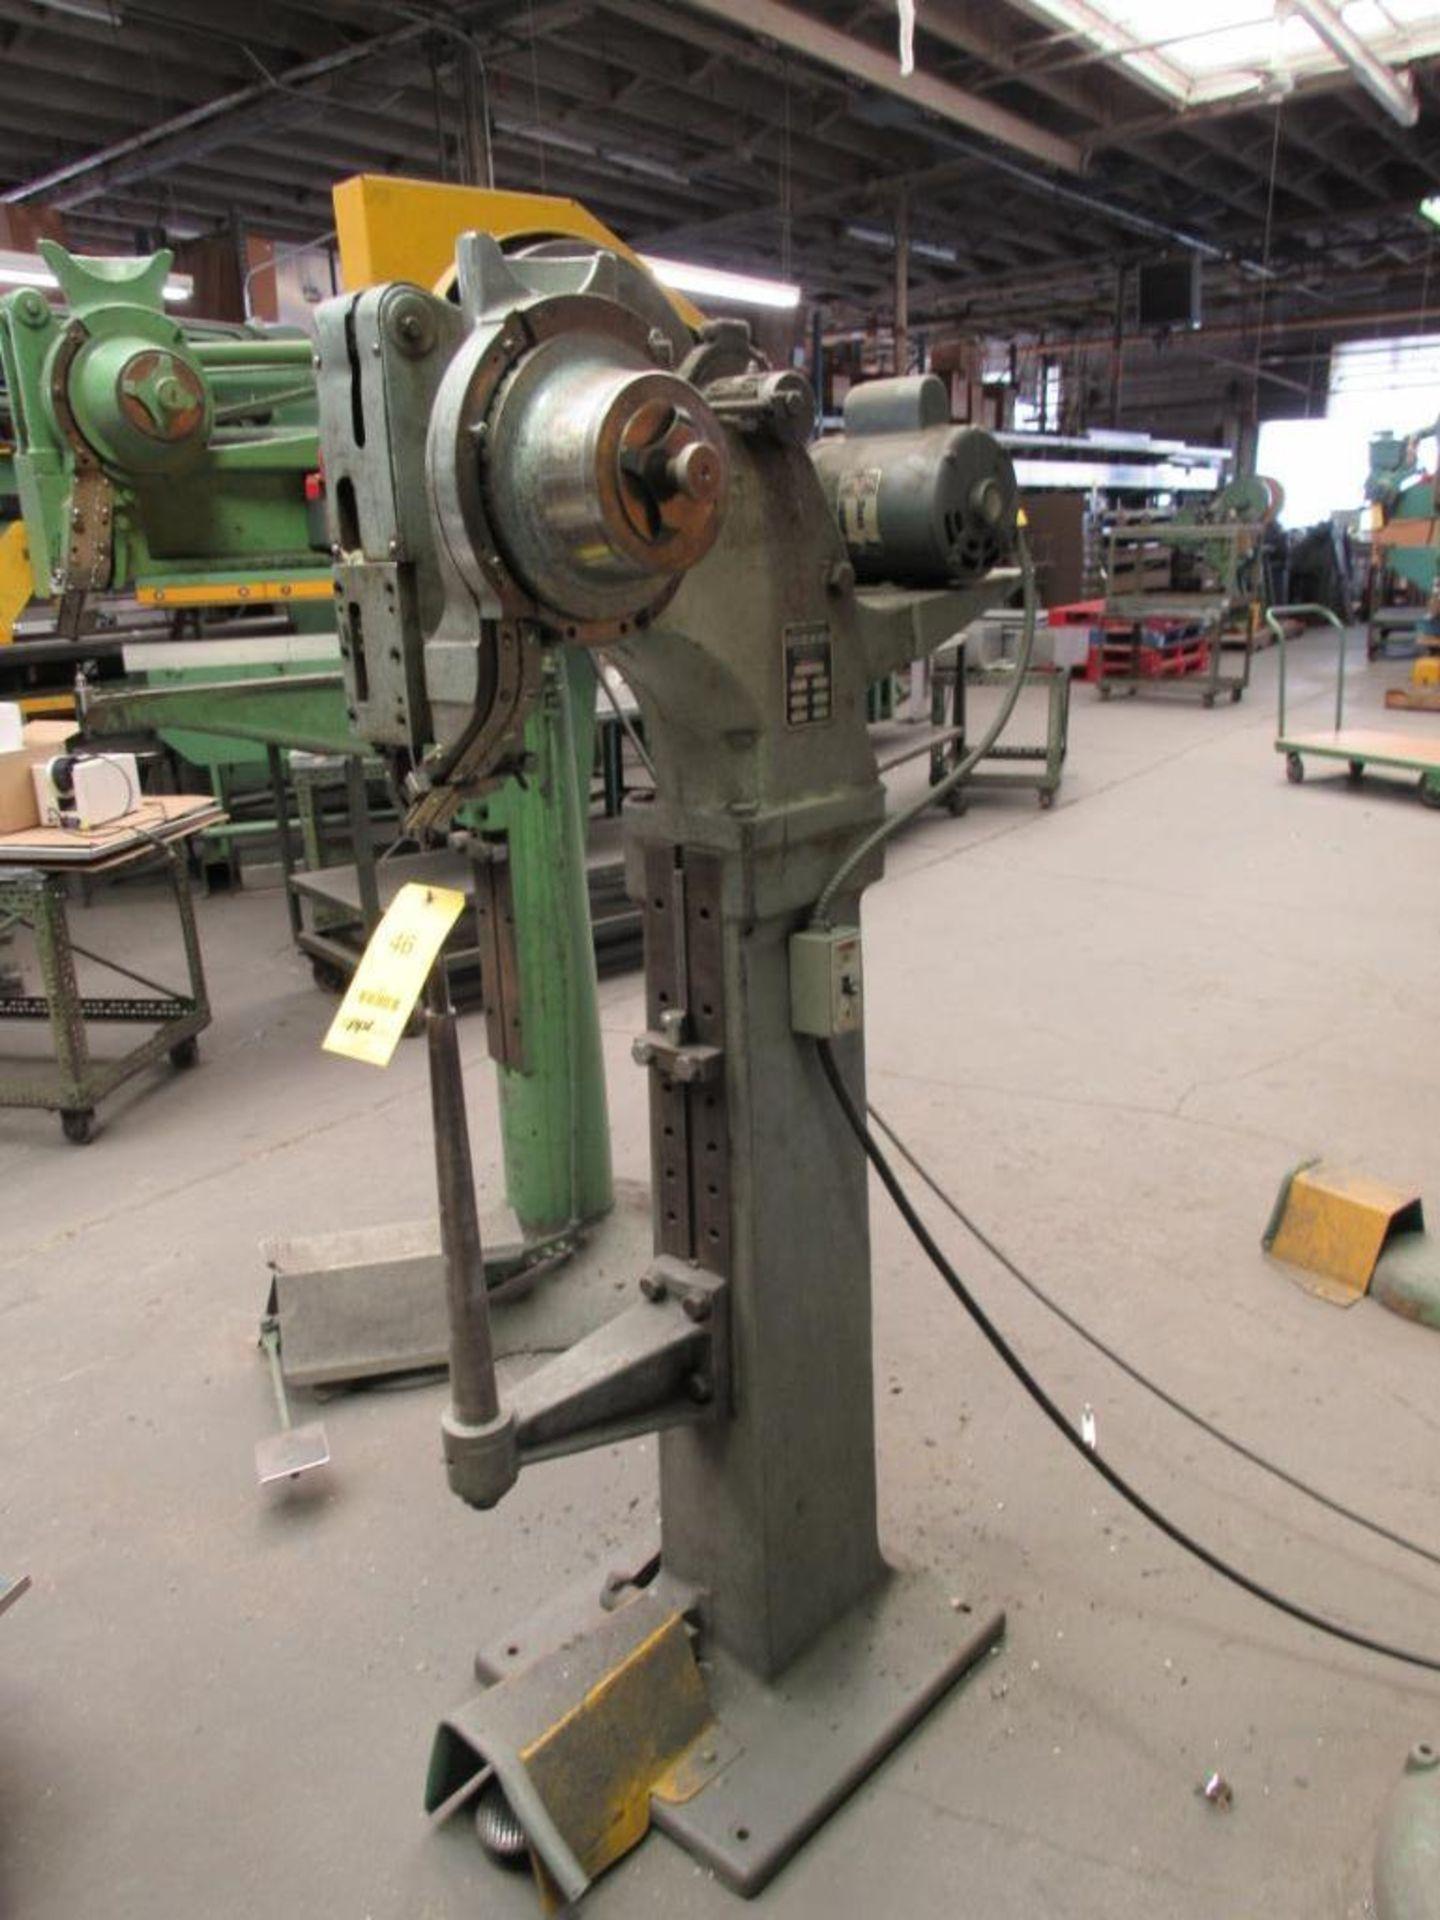 Lot 46 - Chicago Rivet & Machine Hopper Feed Riveter Model 912-5058